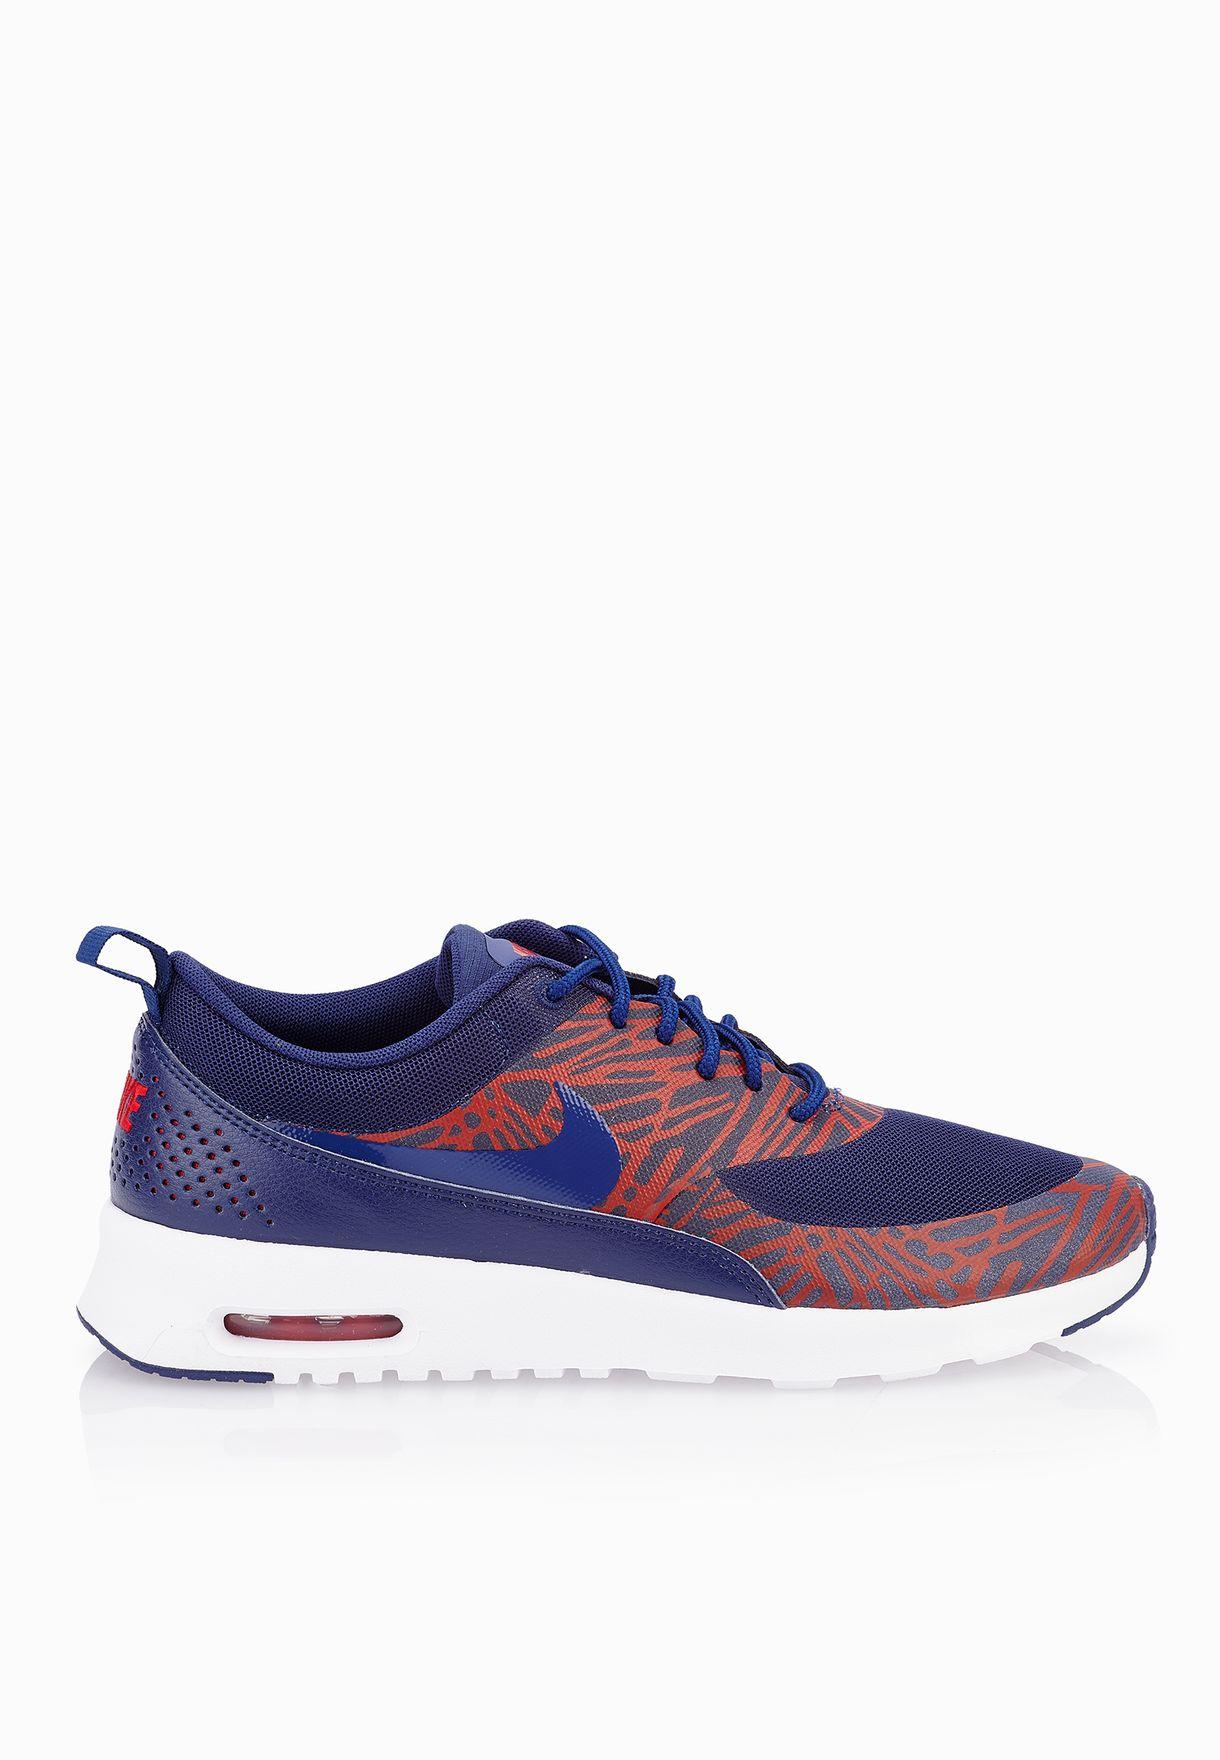 info for 34e2a 7b08b Shop Nike prints Air Max Thea Print 599408-402 for Women in Qatar -  NI727SH58XOV